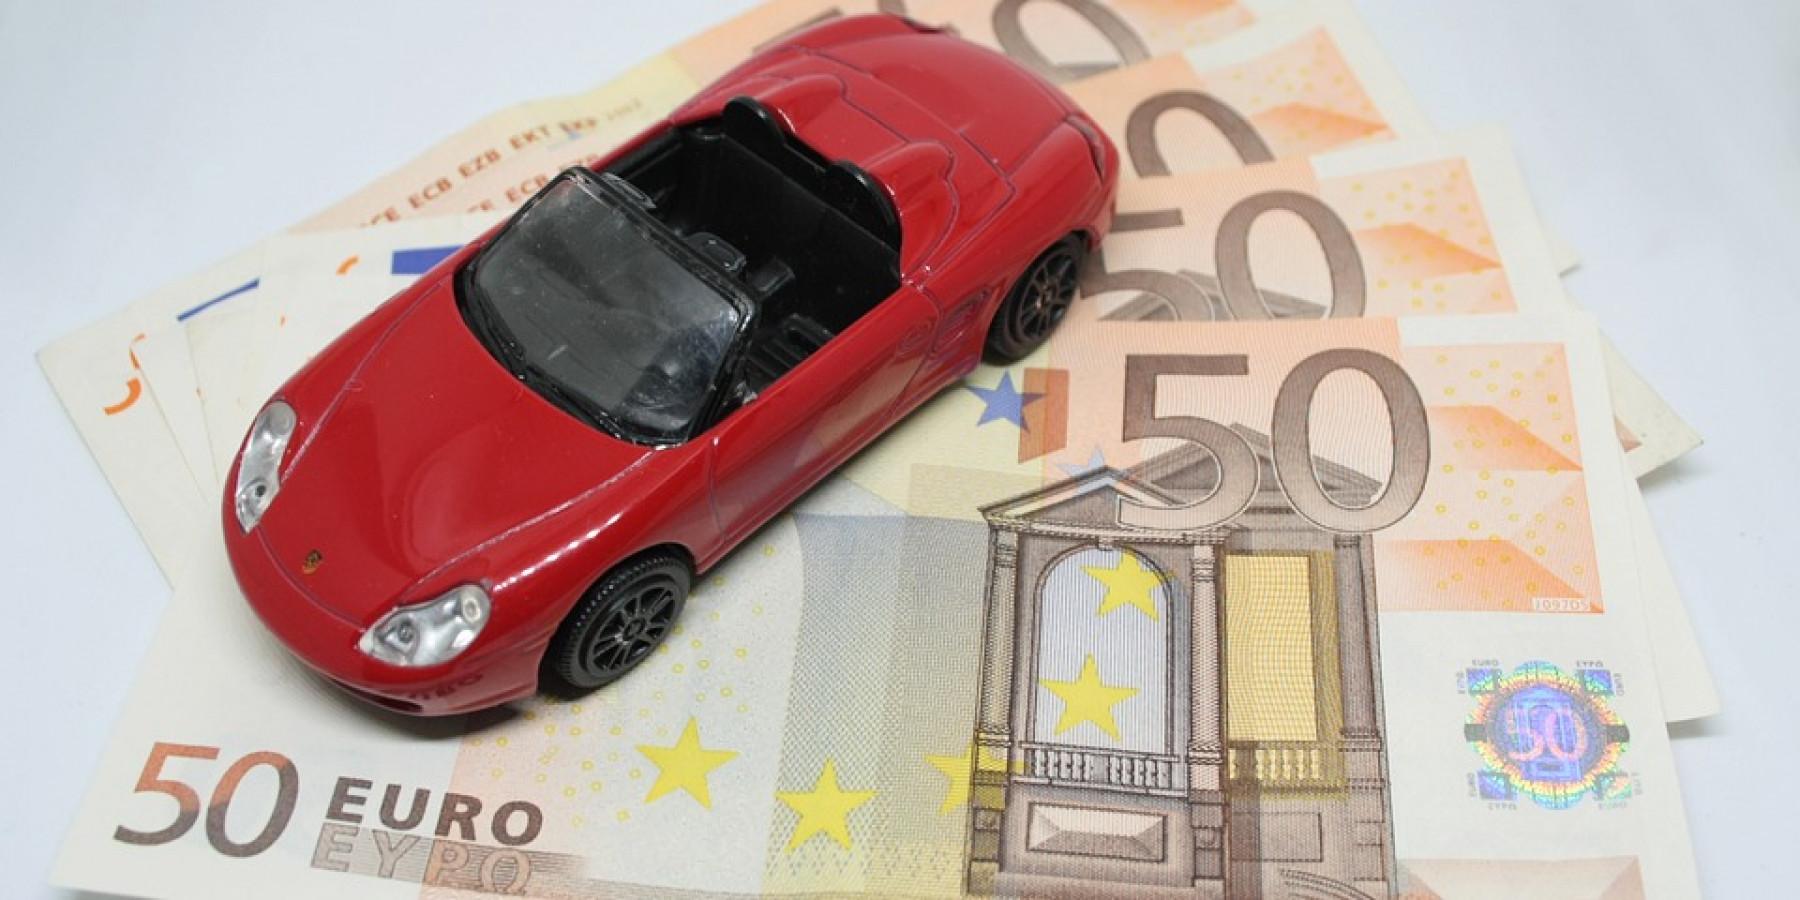 Geldbörse aus Auto gestohlen – Täter greifen durch offenes Fenster